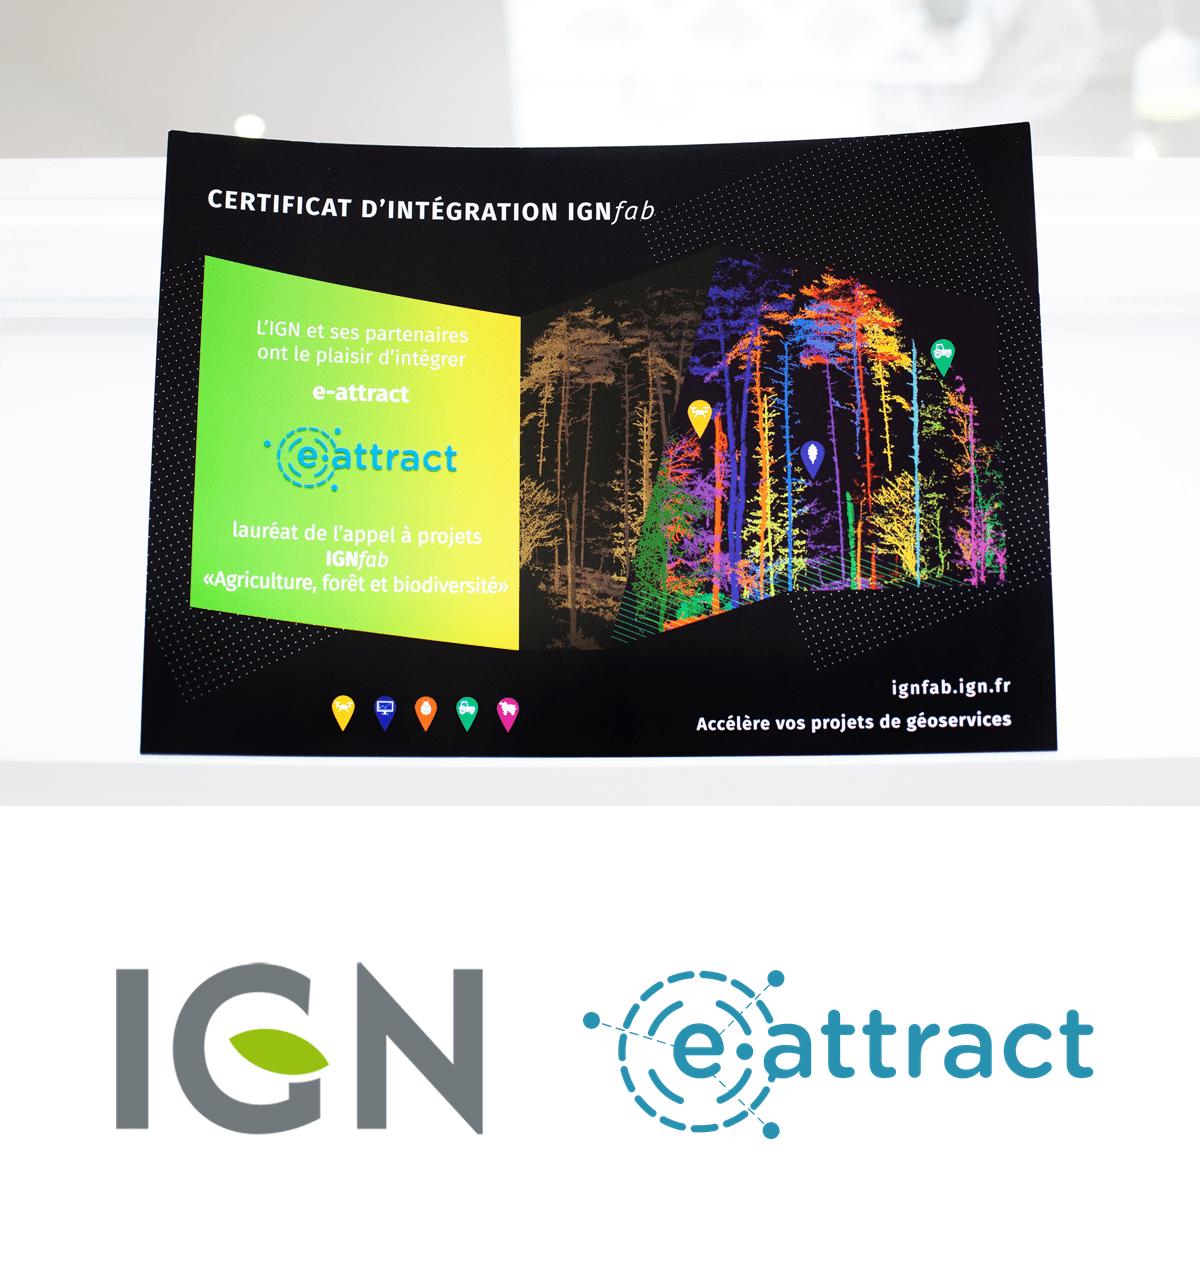 e-attract, lauréat de l'AAP IGNFab